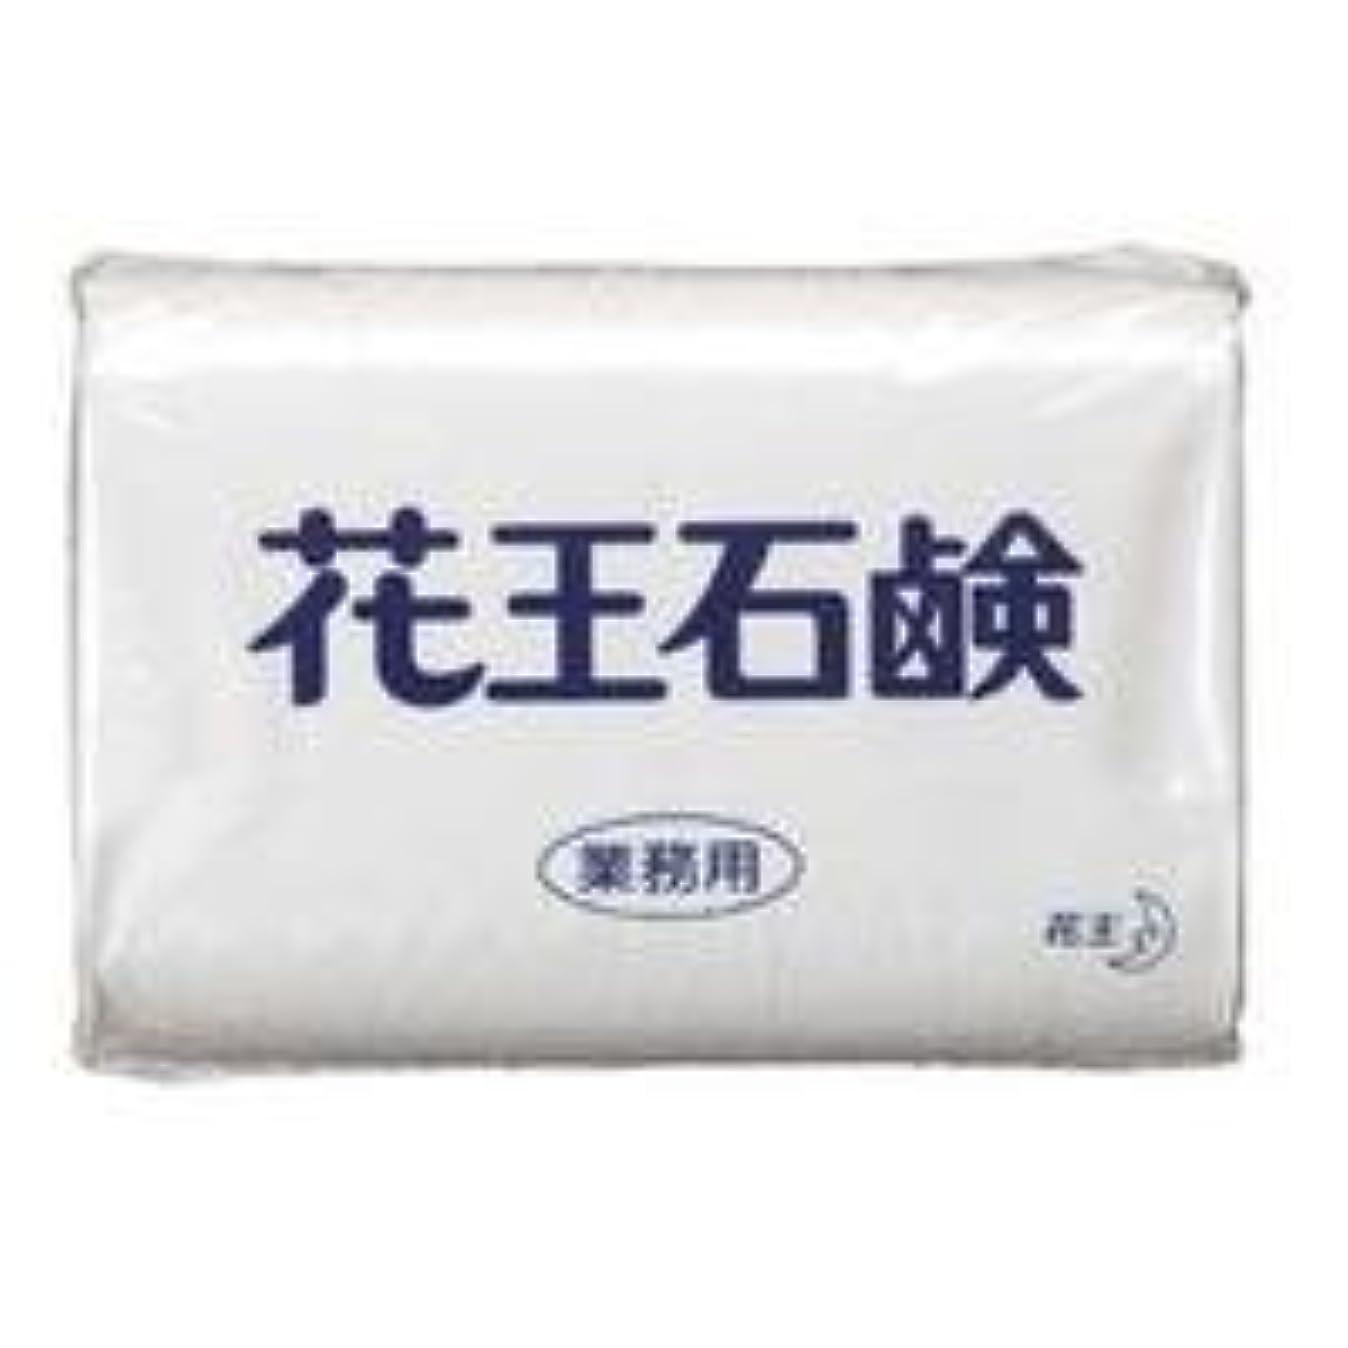 コメント危険なアンカー業務用石鹸 85g 3個×40パック(120個入り)